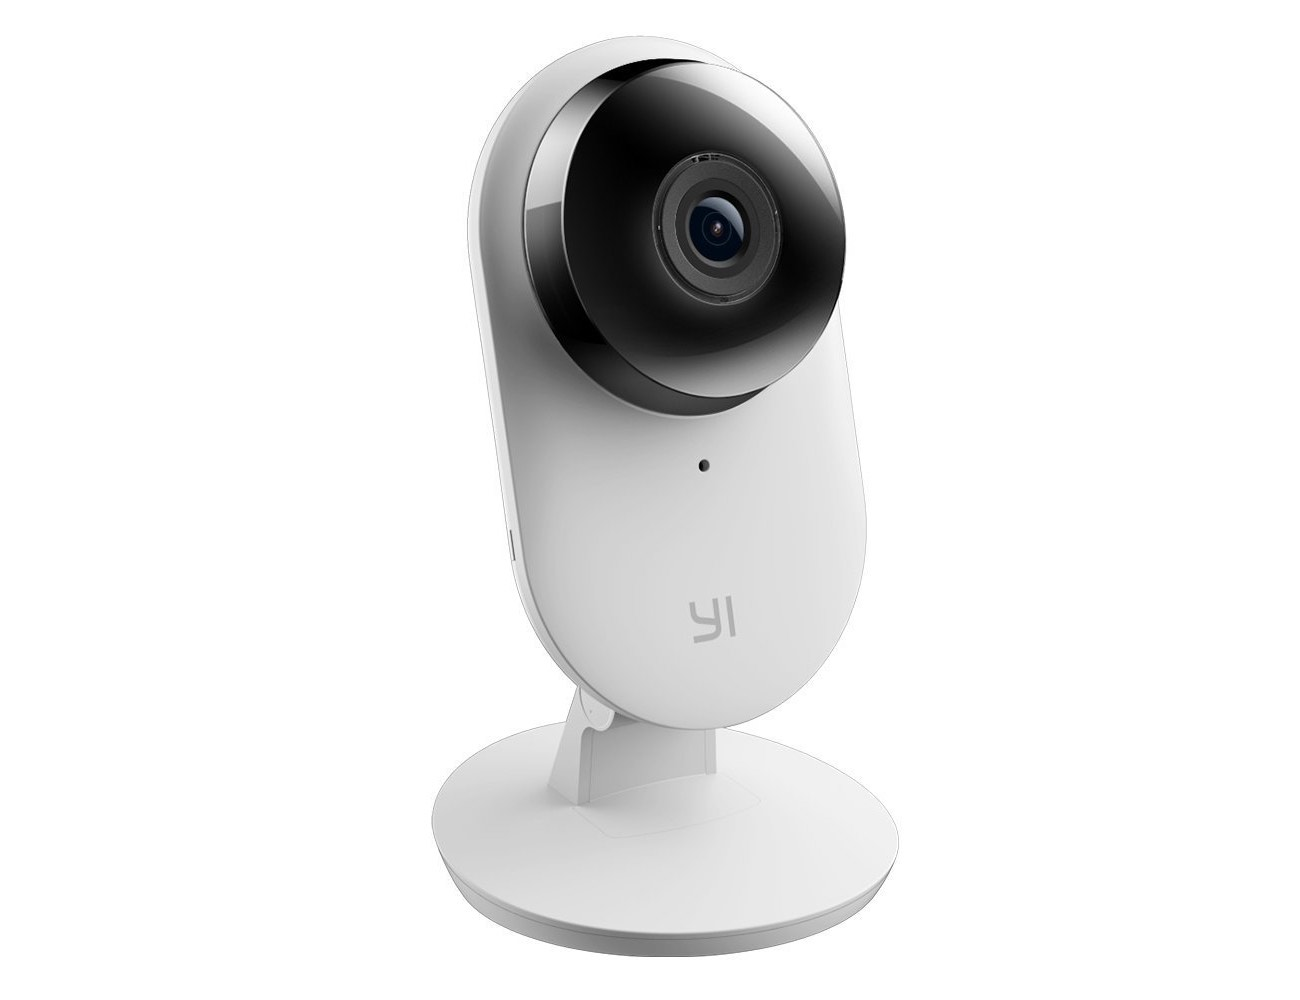 yi-home-camera-2-06